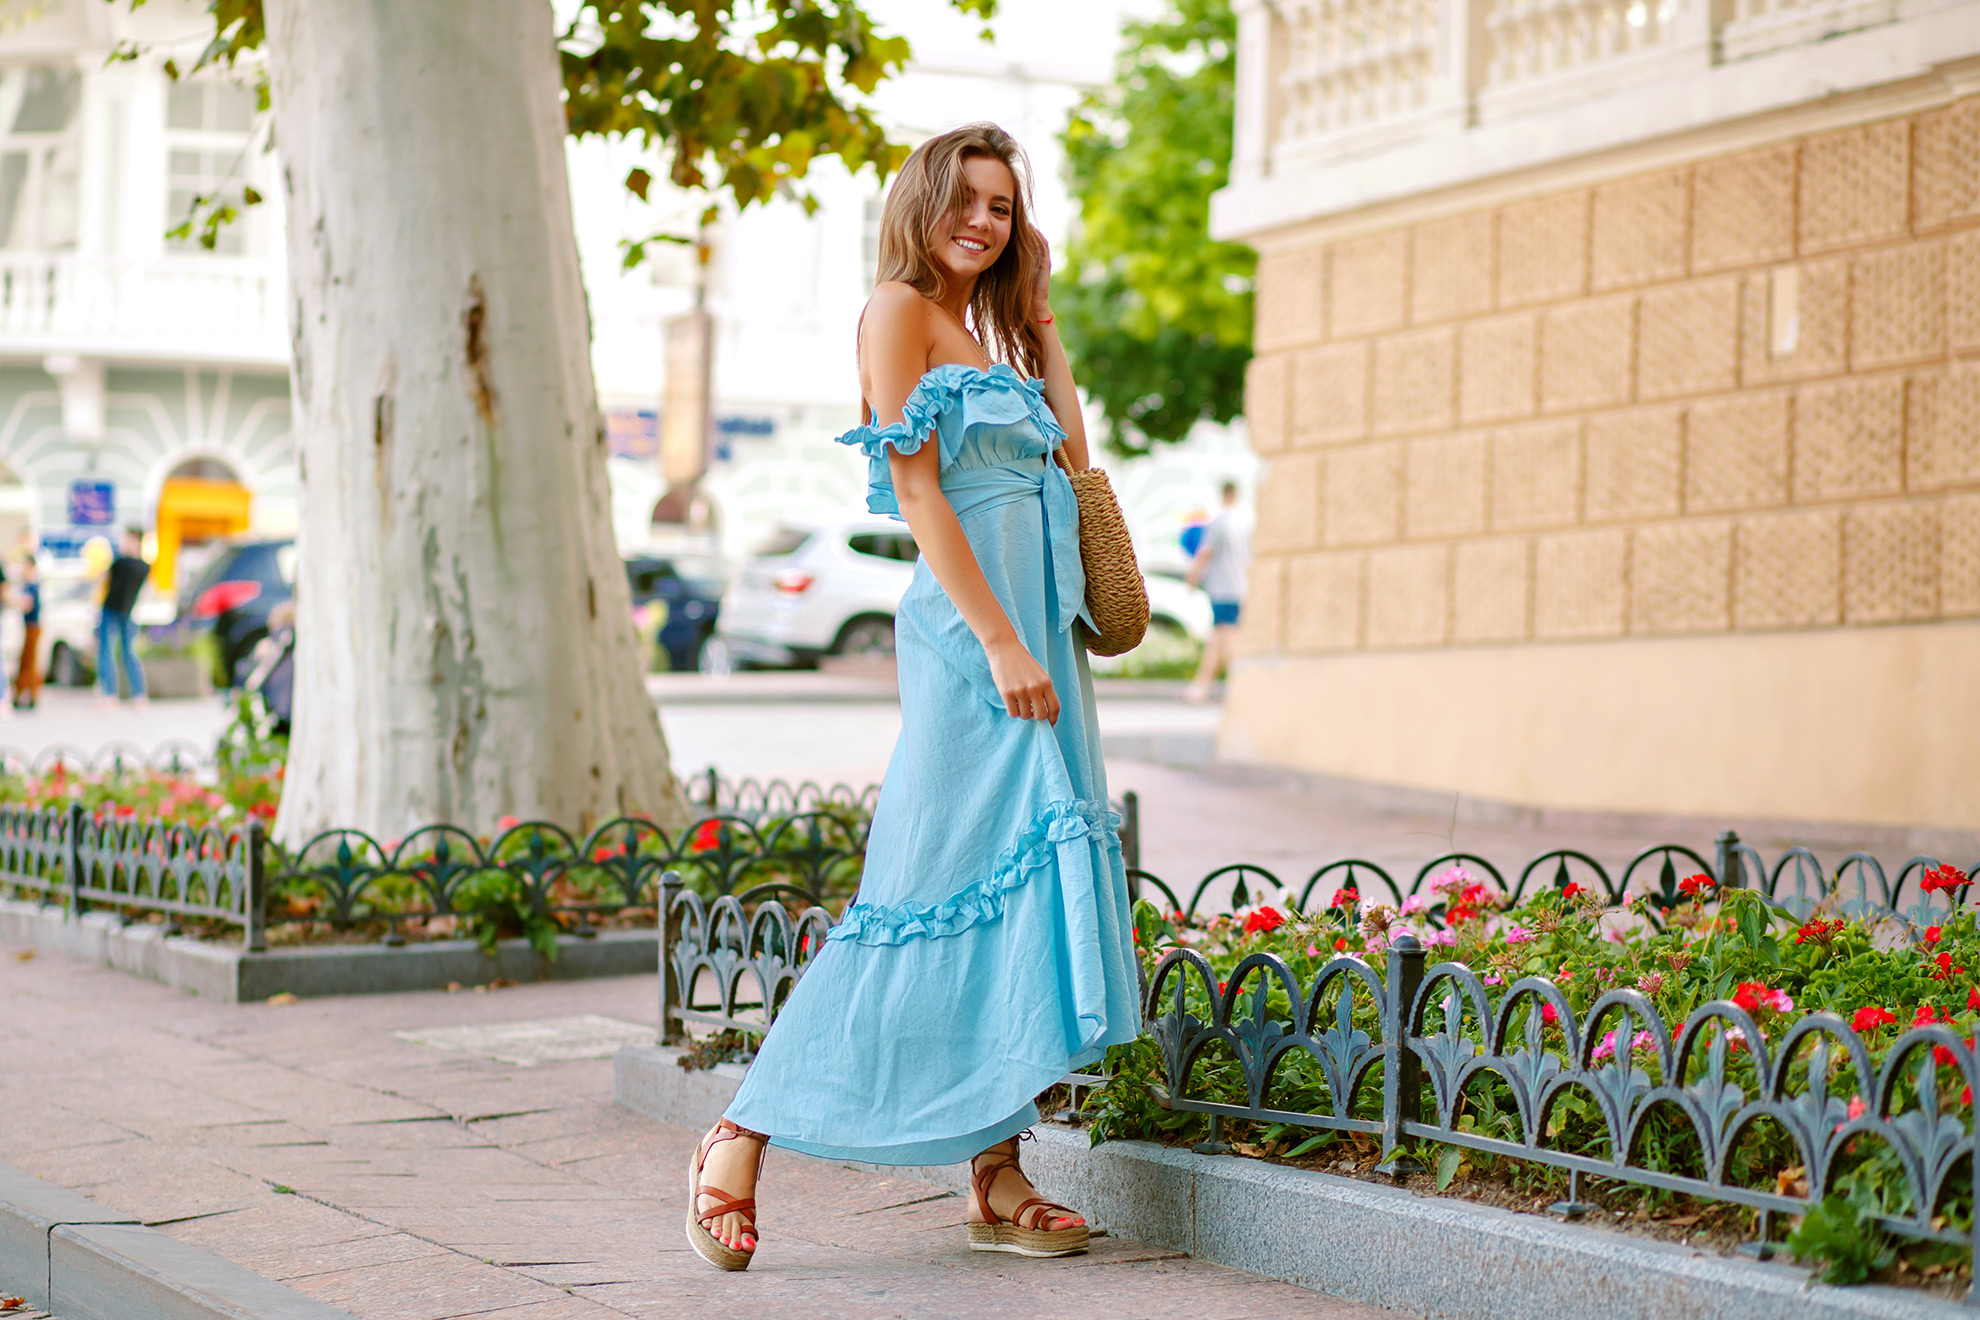 Kobieta w sukience do kostek, stylizacja na lato, ilustracja do artykułu